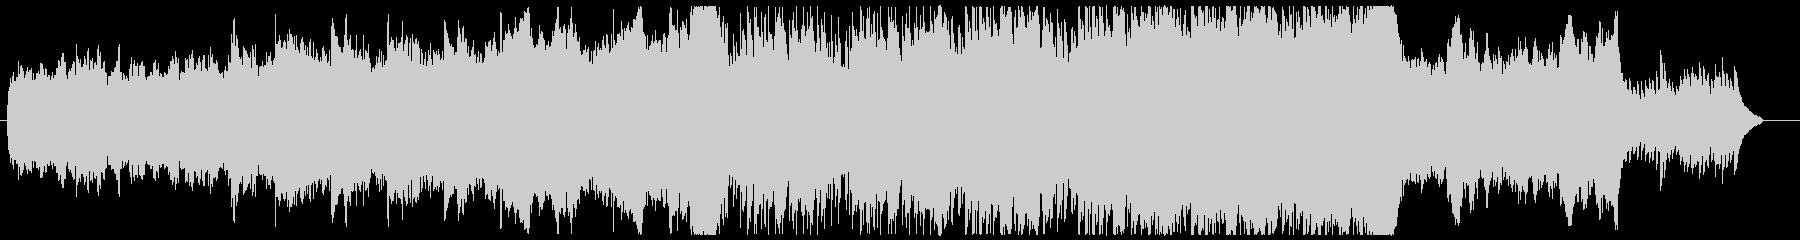 壮大なイメージのBGMの未再生の波形